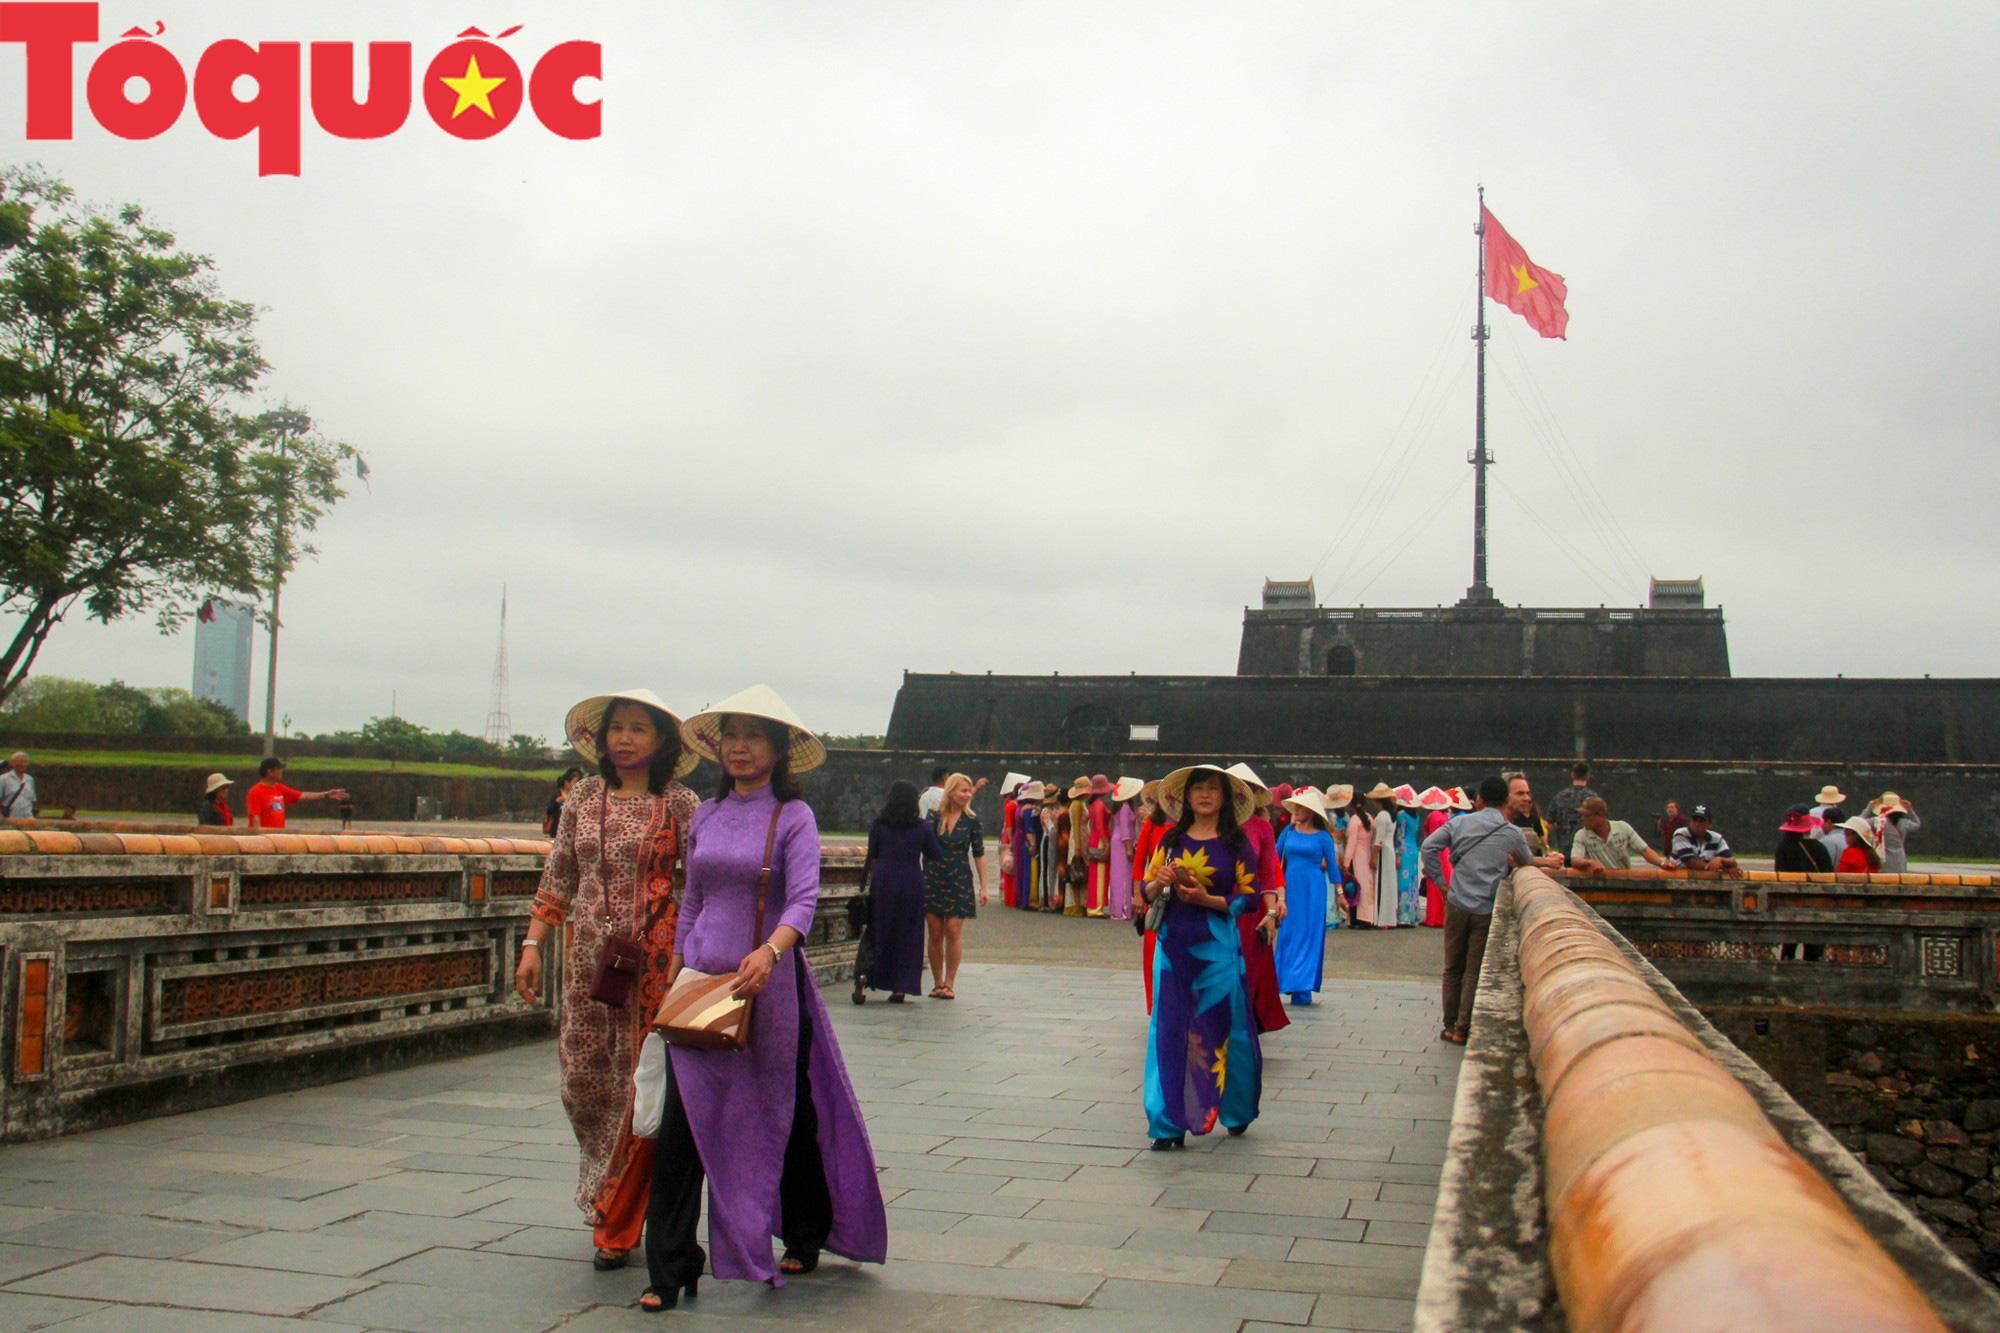 Ấn tượng hình ảnh hàng trăm tà áo dài thướt tha trong Đại Nội Huế ngày 8/3 - Ảnh 1.